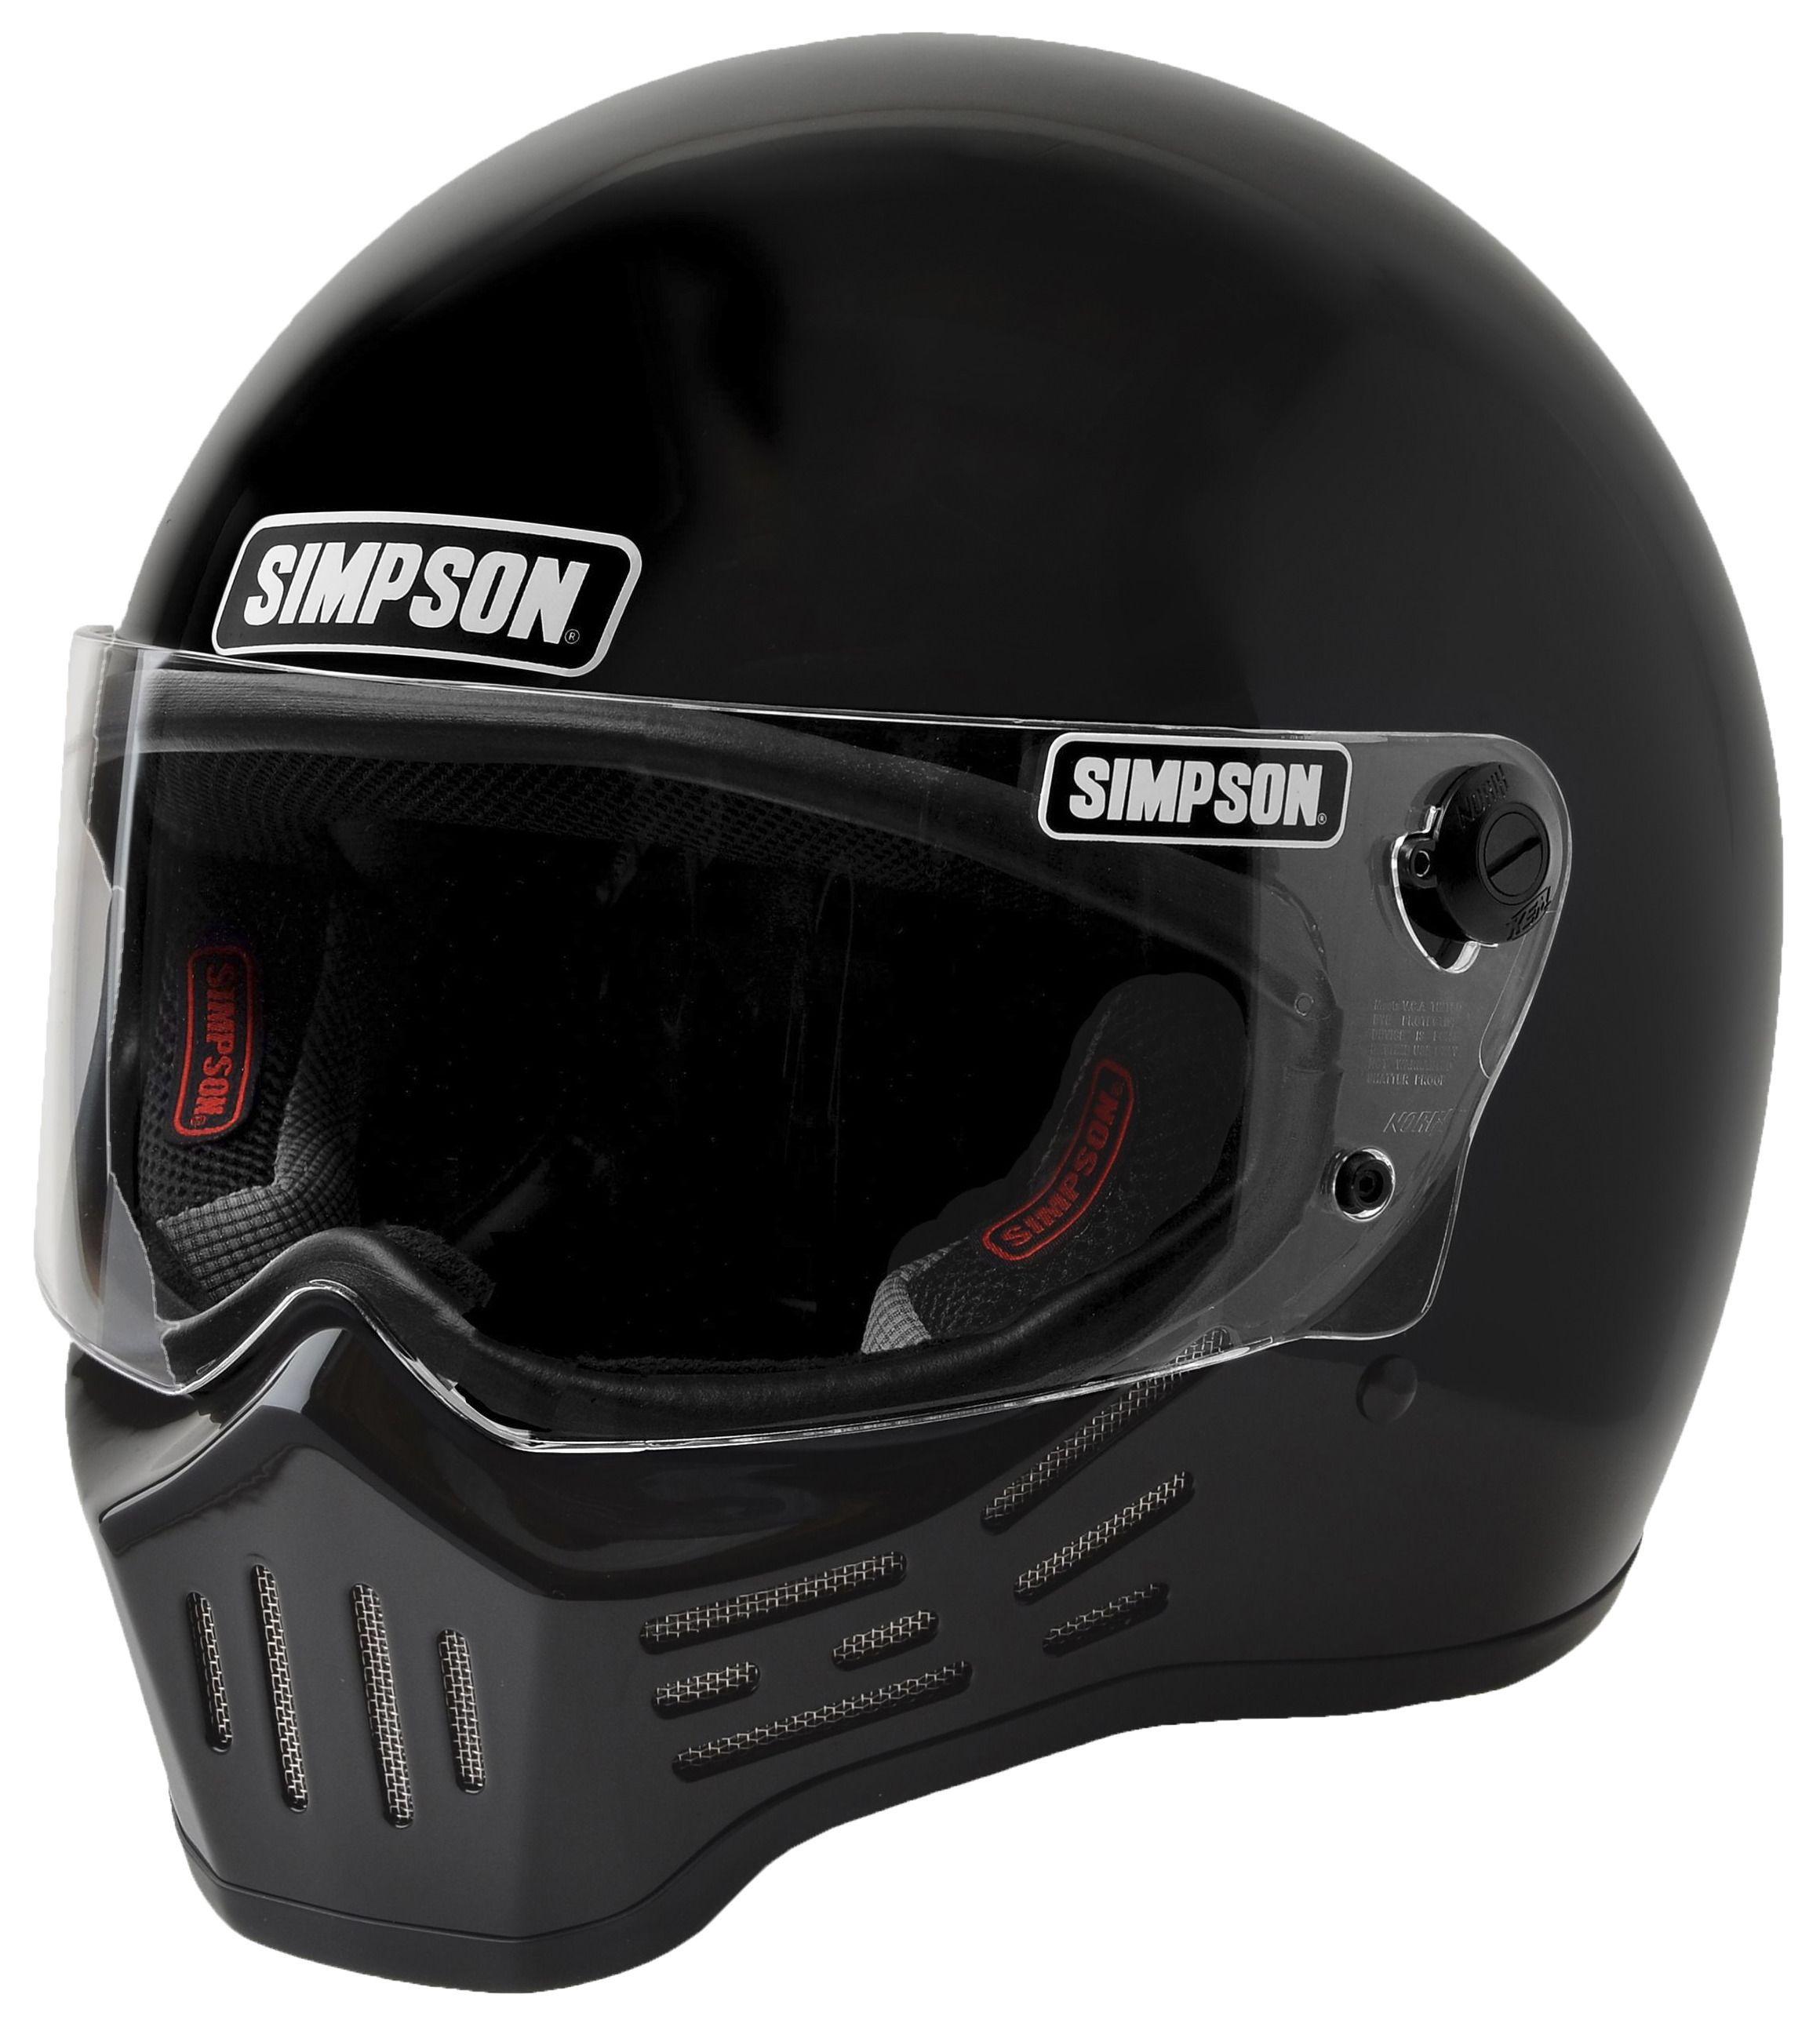 Simpson M30 Bandit Helmet Cycle Gear